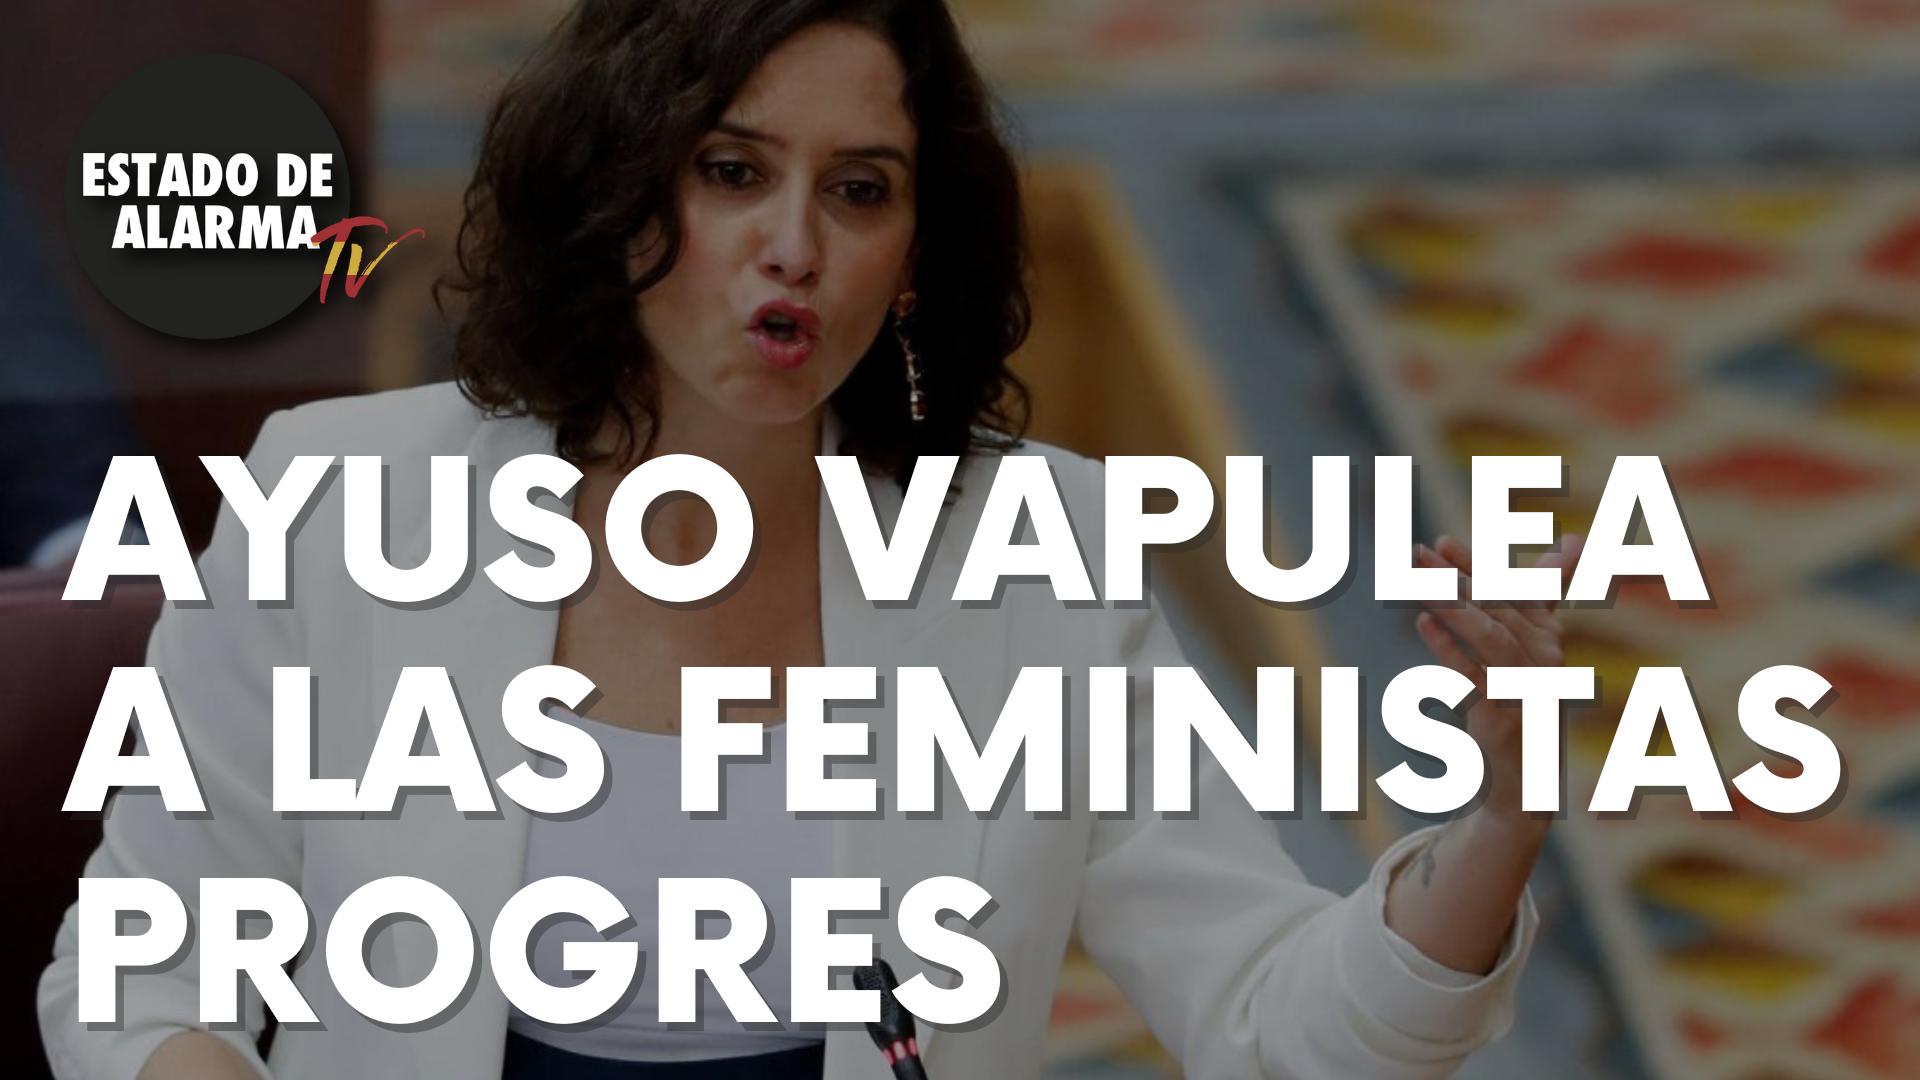 Ayuso vapulea a las feministas progres